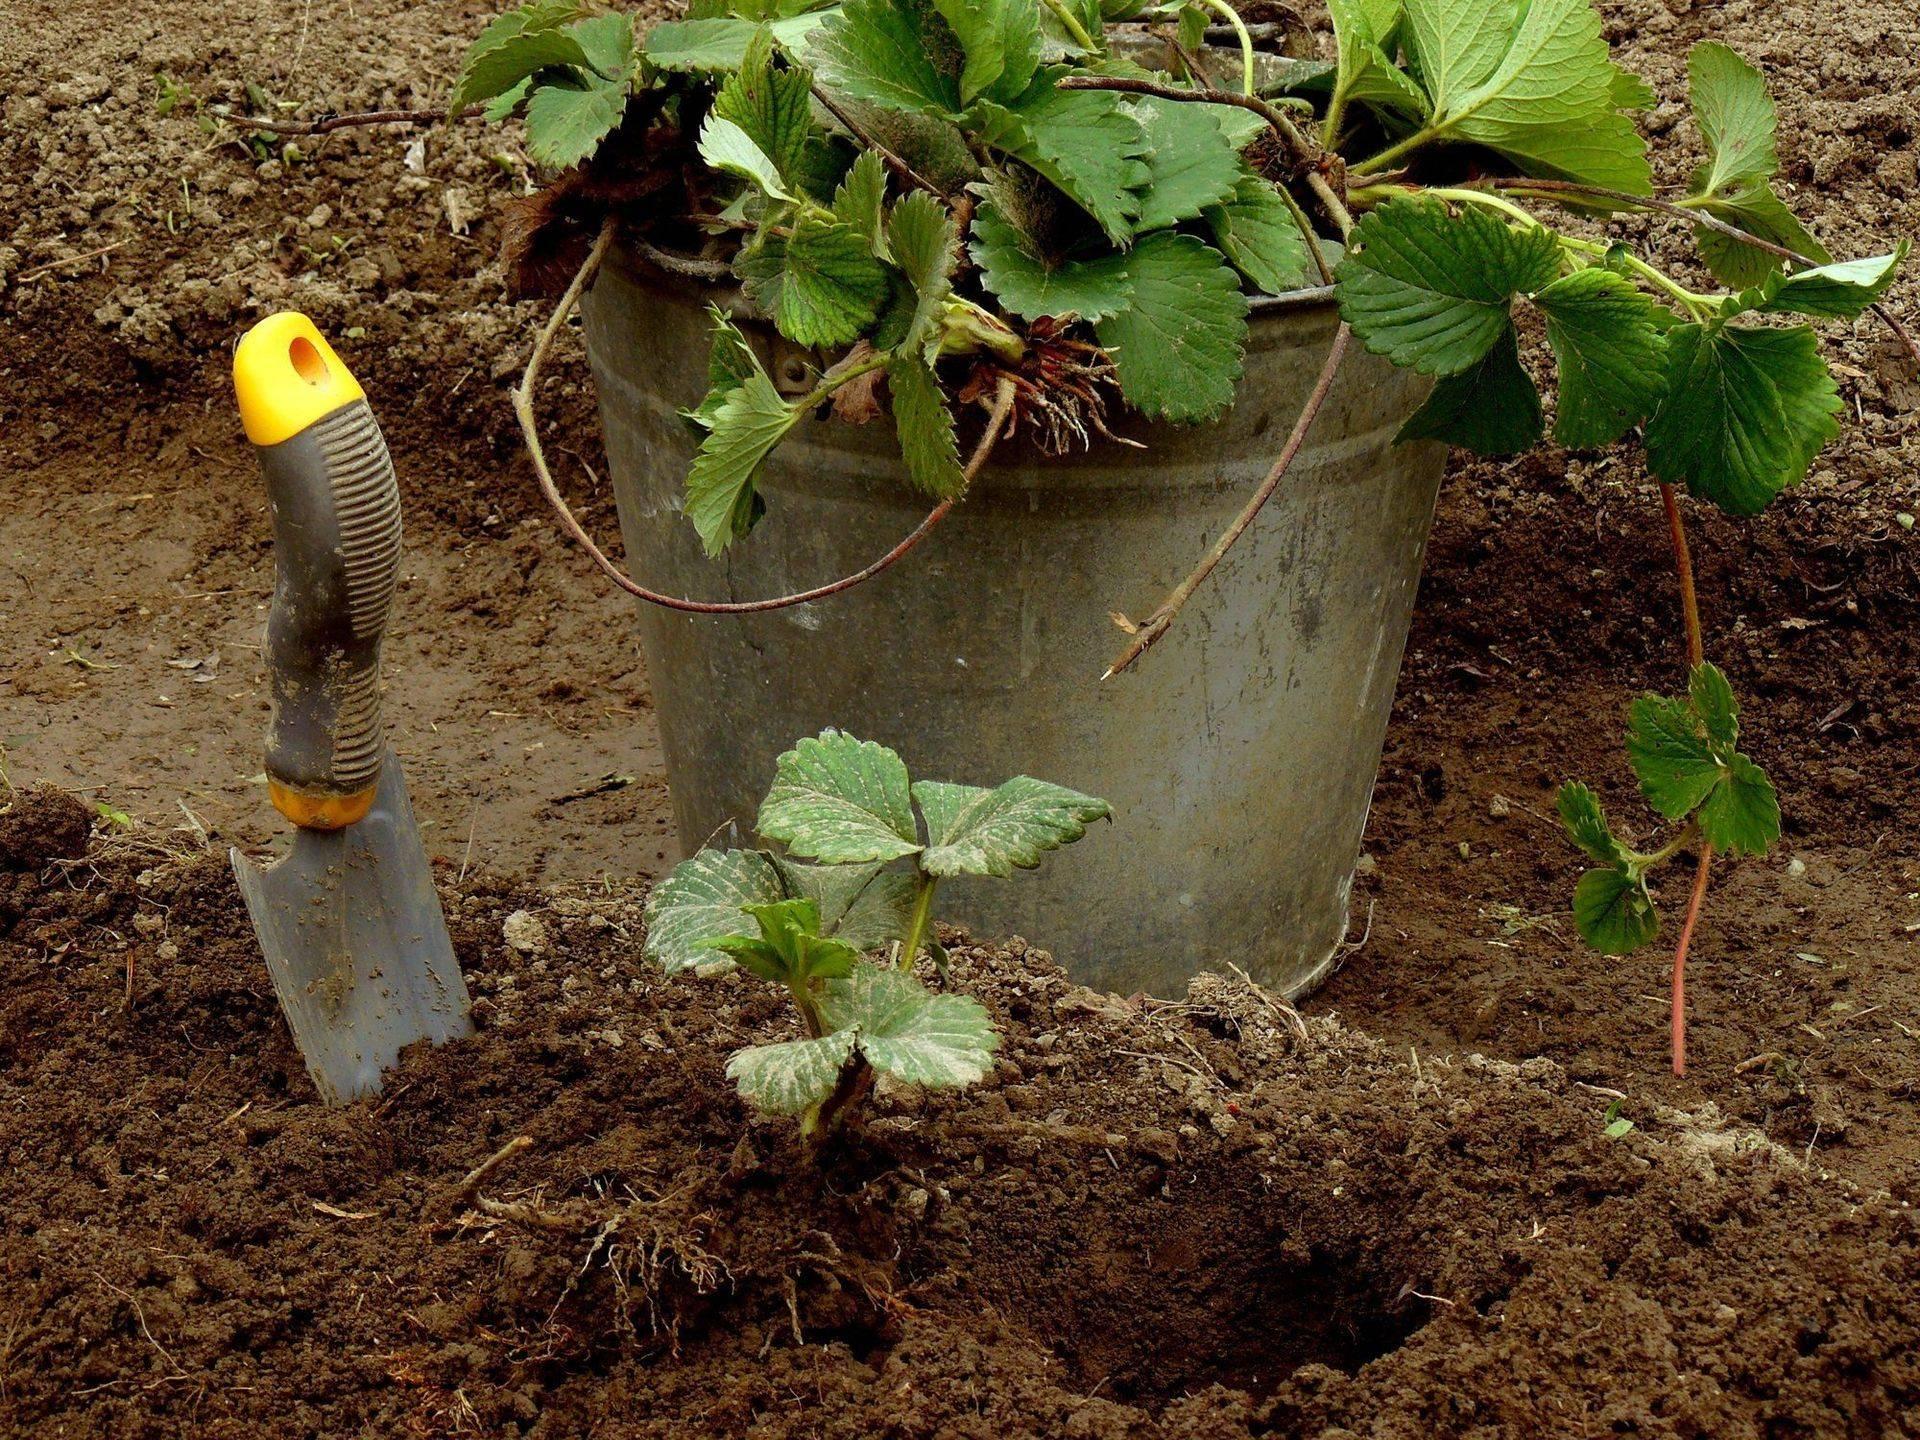 Подкормка клубники весной для большого урожая: как и чем удобрять, сроки, схемы, этапы внесения, народные средства